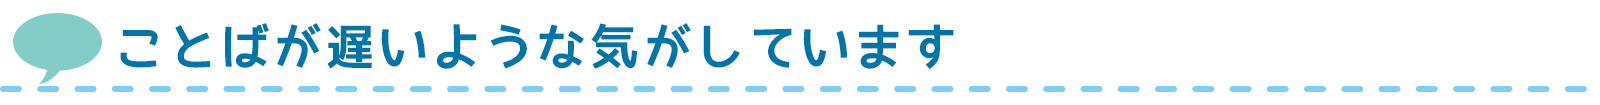 nayami_title_01